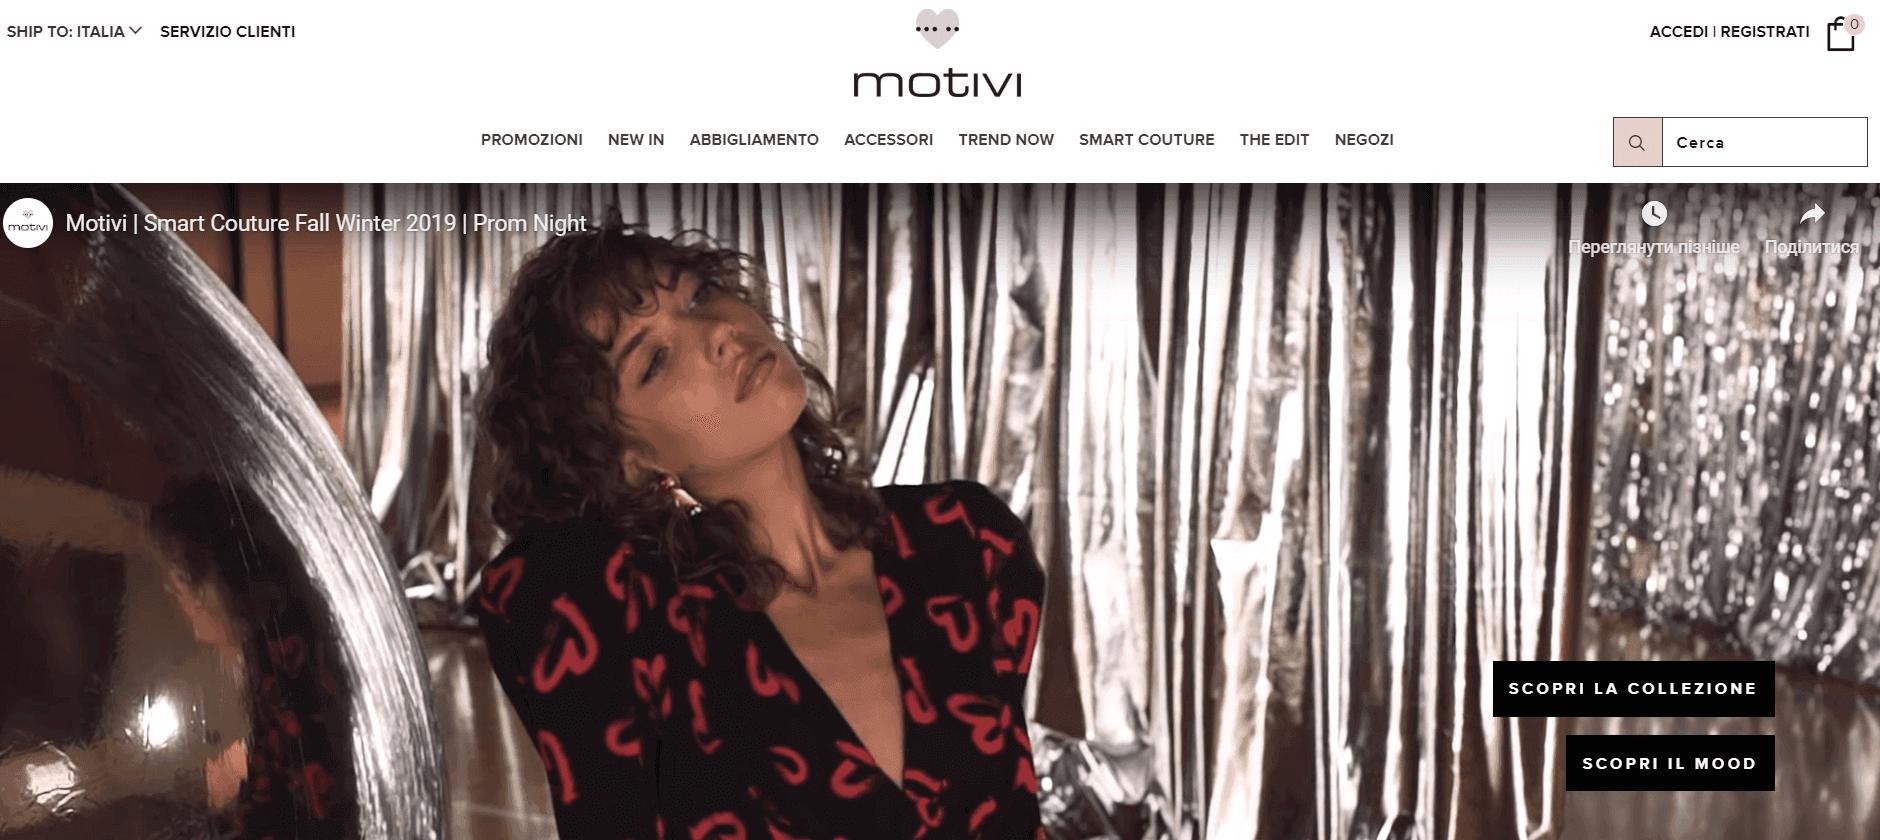 Покупка на Motivi с доставкой в Казахстан ✔️ myMeest - 3